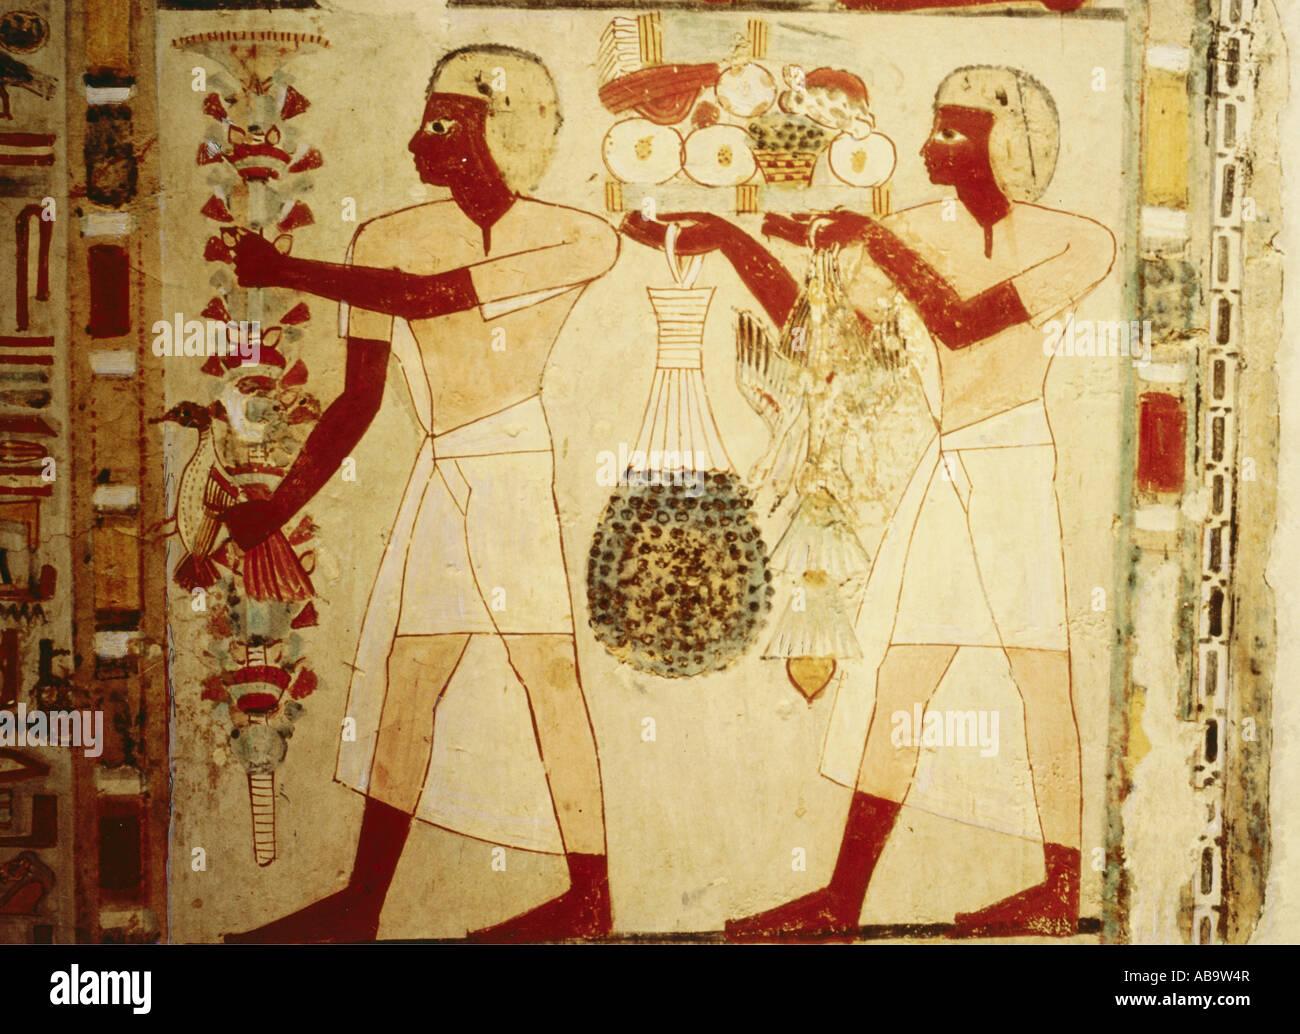 Arte Egipcio Pintura Mural